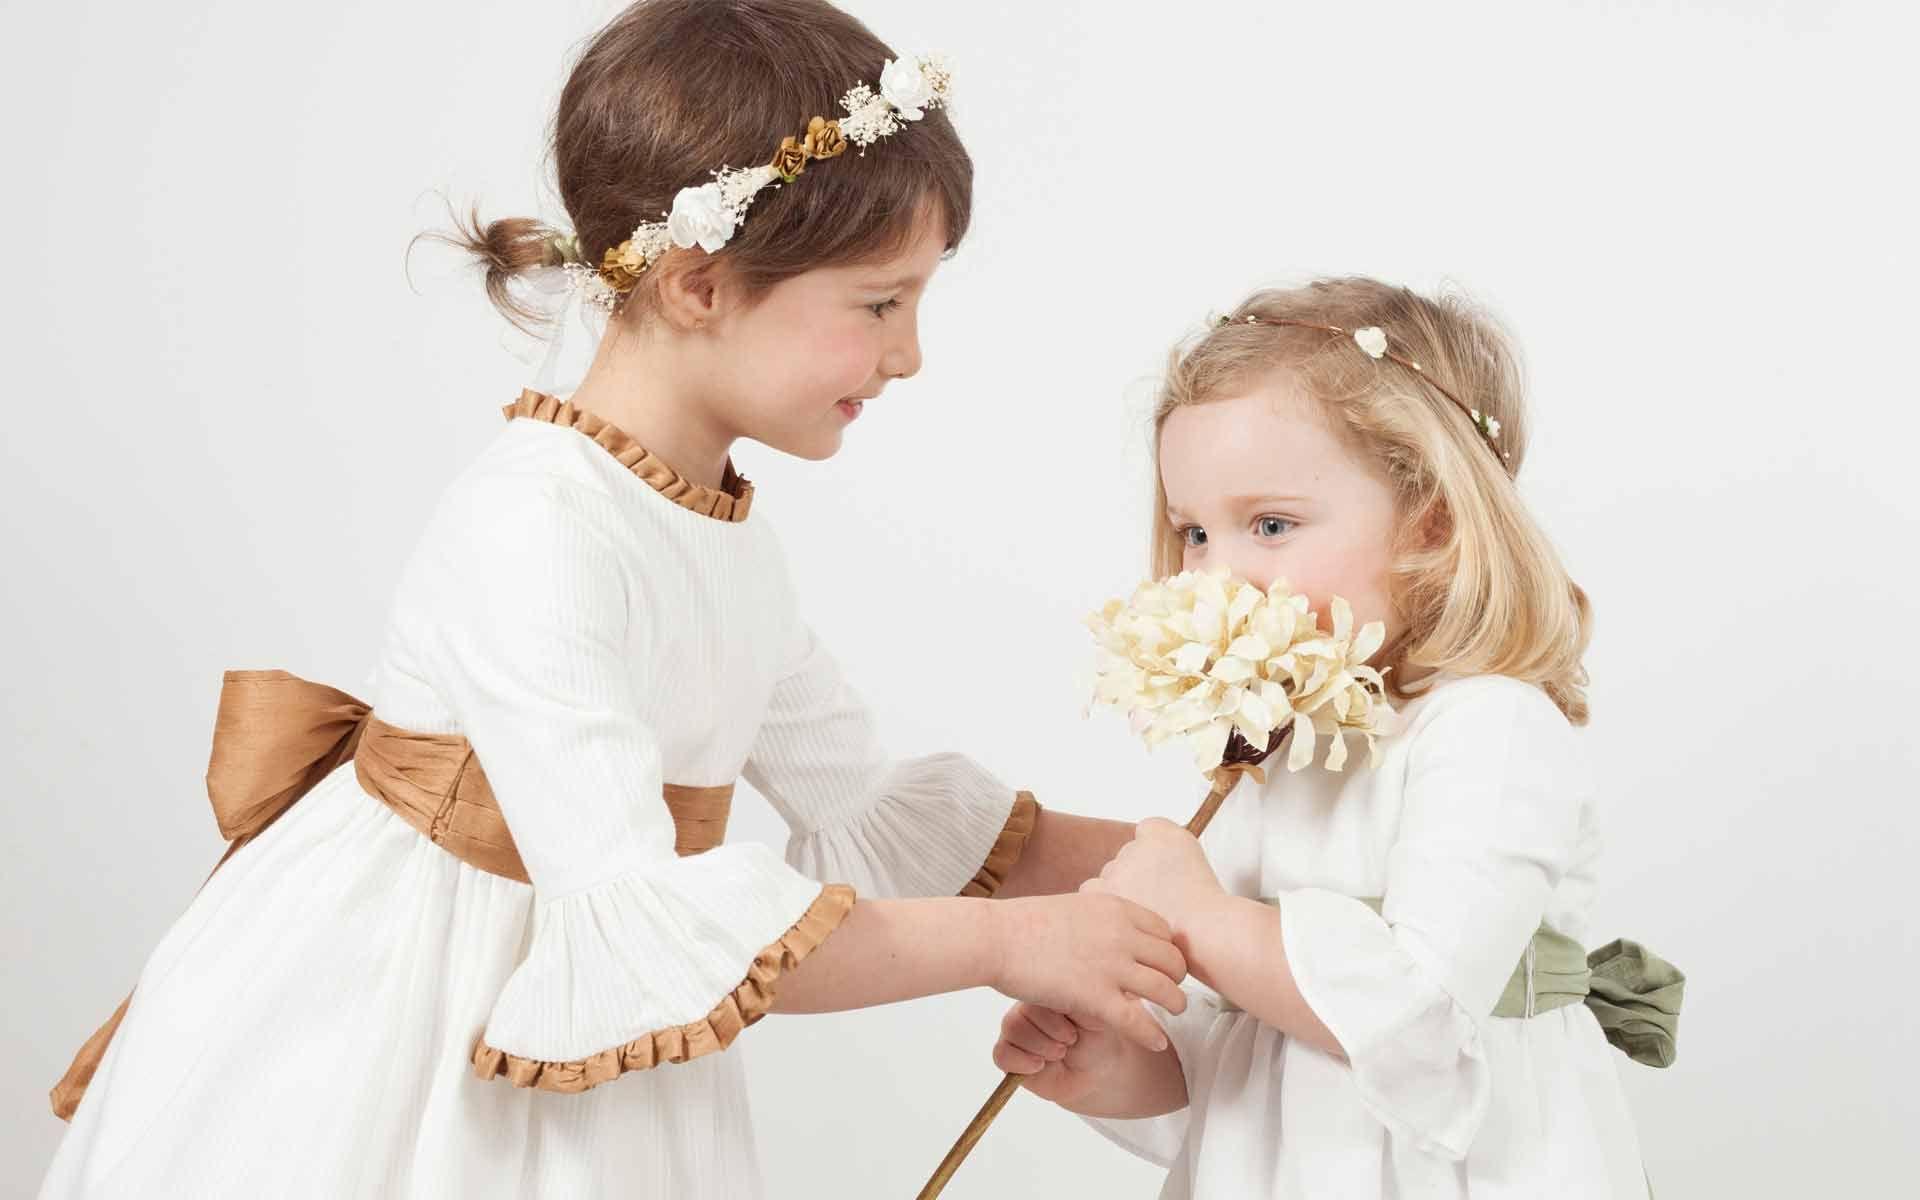 Colección Ceremonia de vestidos de niñas y trajes de niños de arras para celebraciones especiales. Diseños personalizables, todas las tallas. Desde 75€